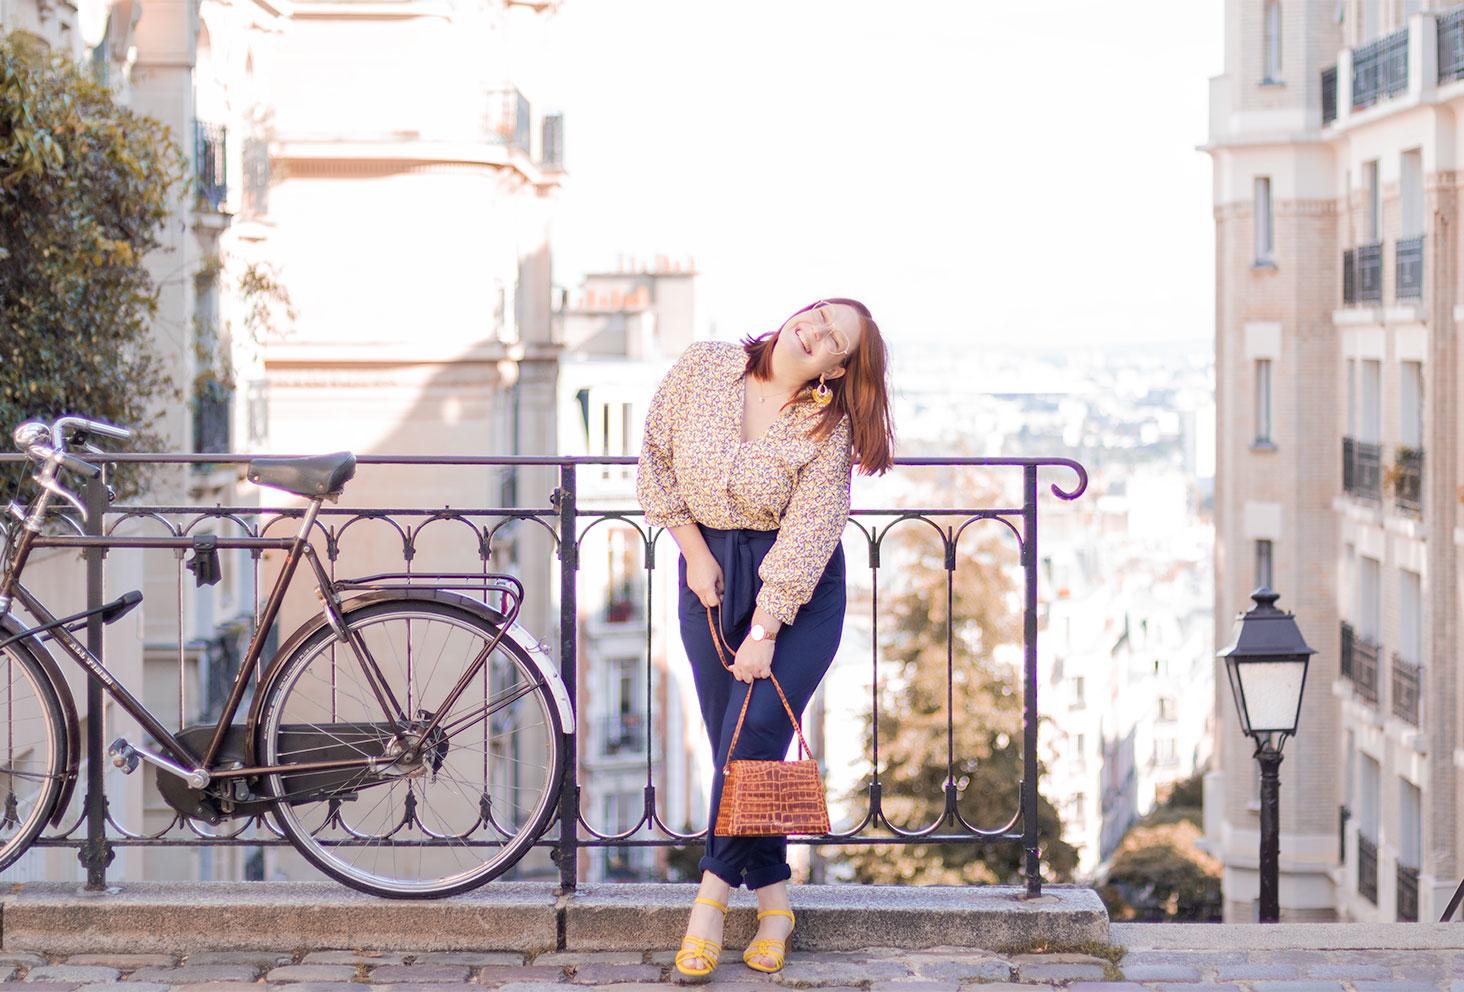 Le long d'une rambarde en métal à côté d'une vieux vélo à Montmartre, avec le sourire, en pantalon bleu fluide et chemisier jaune